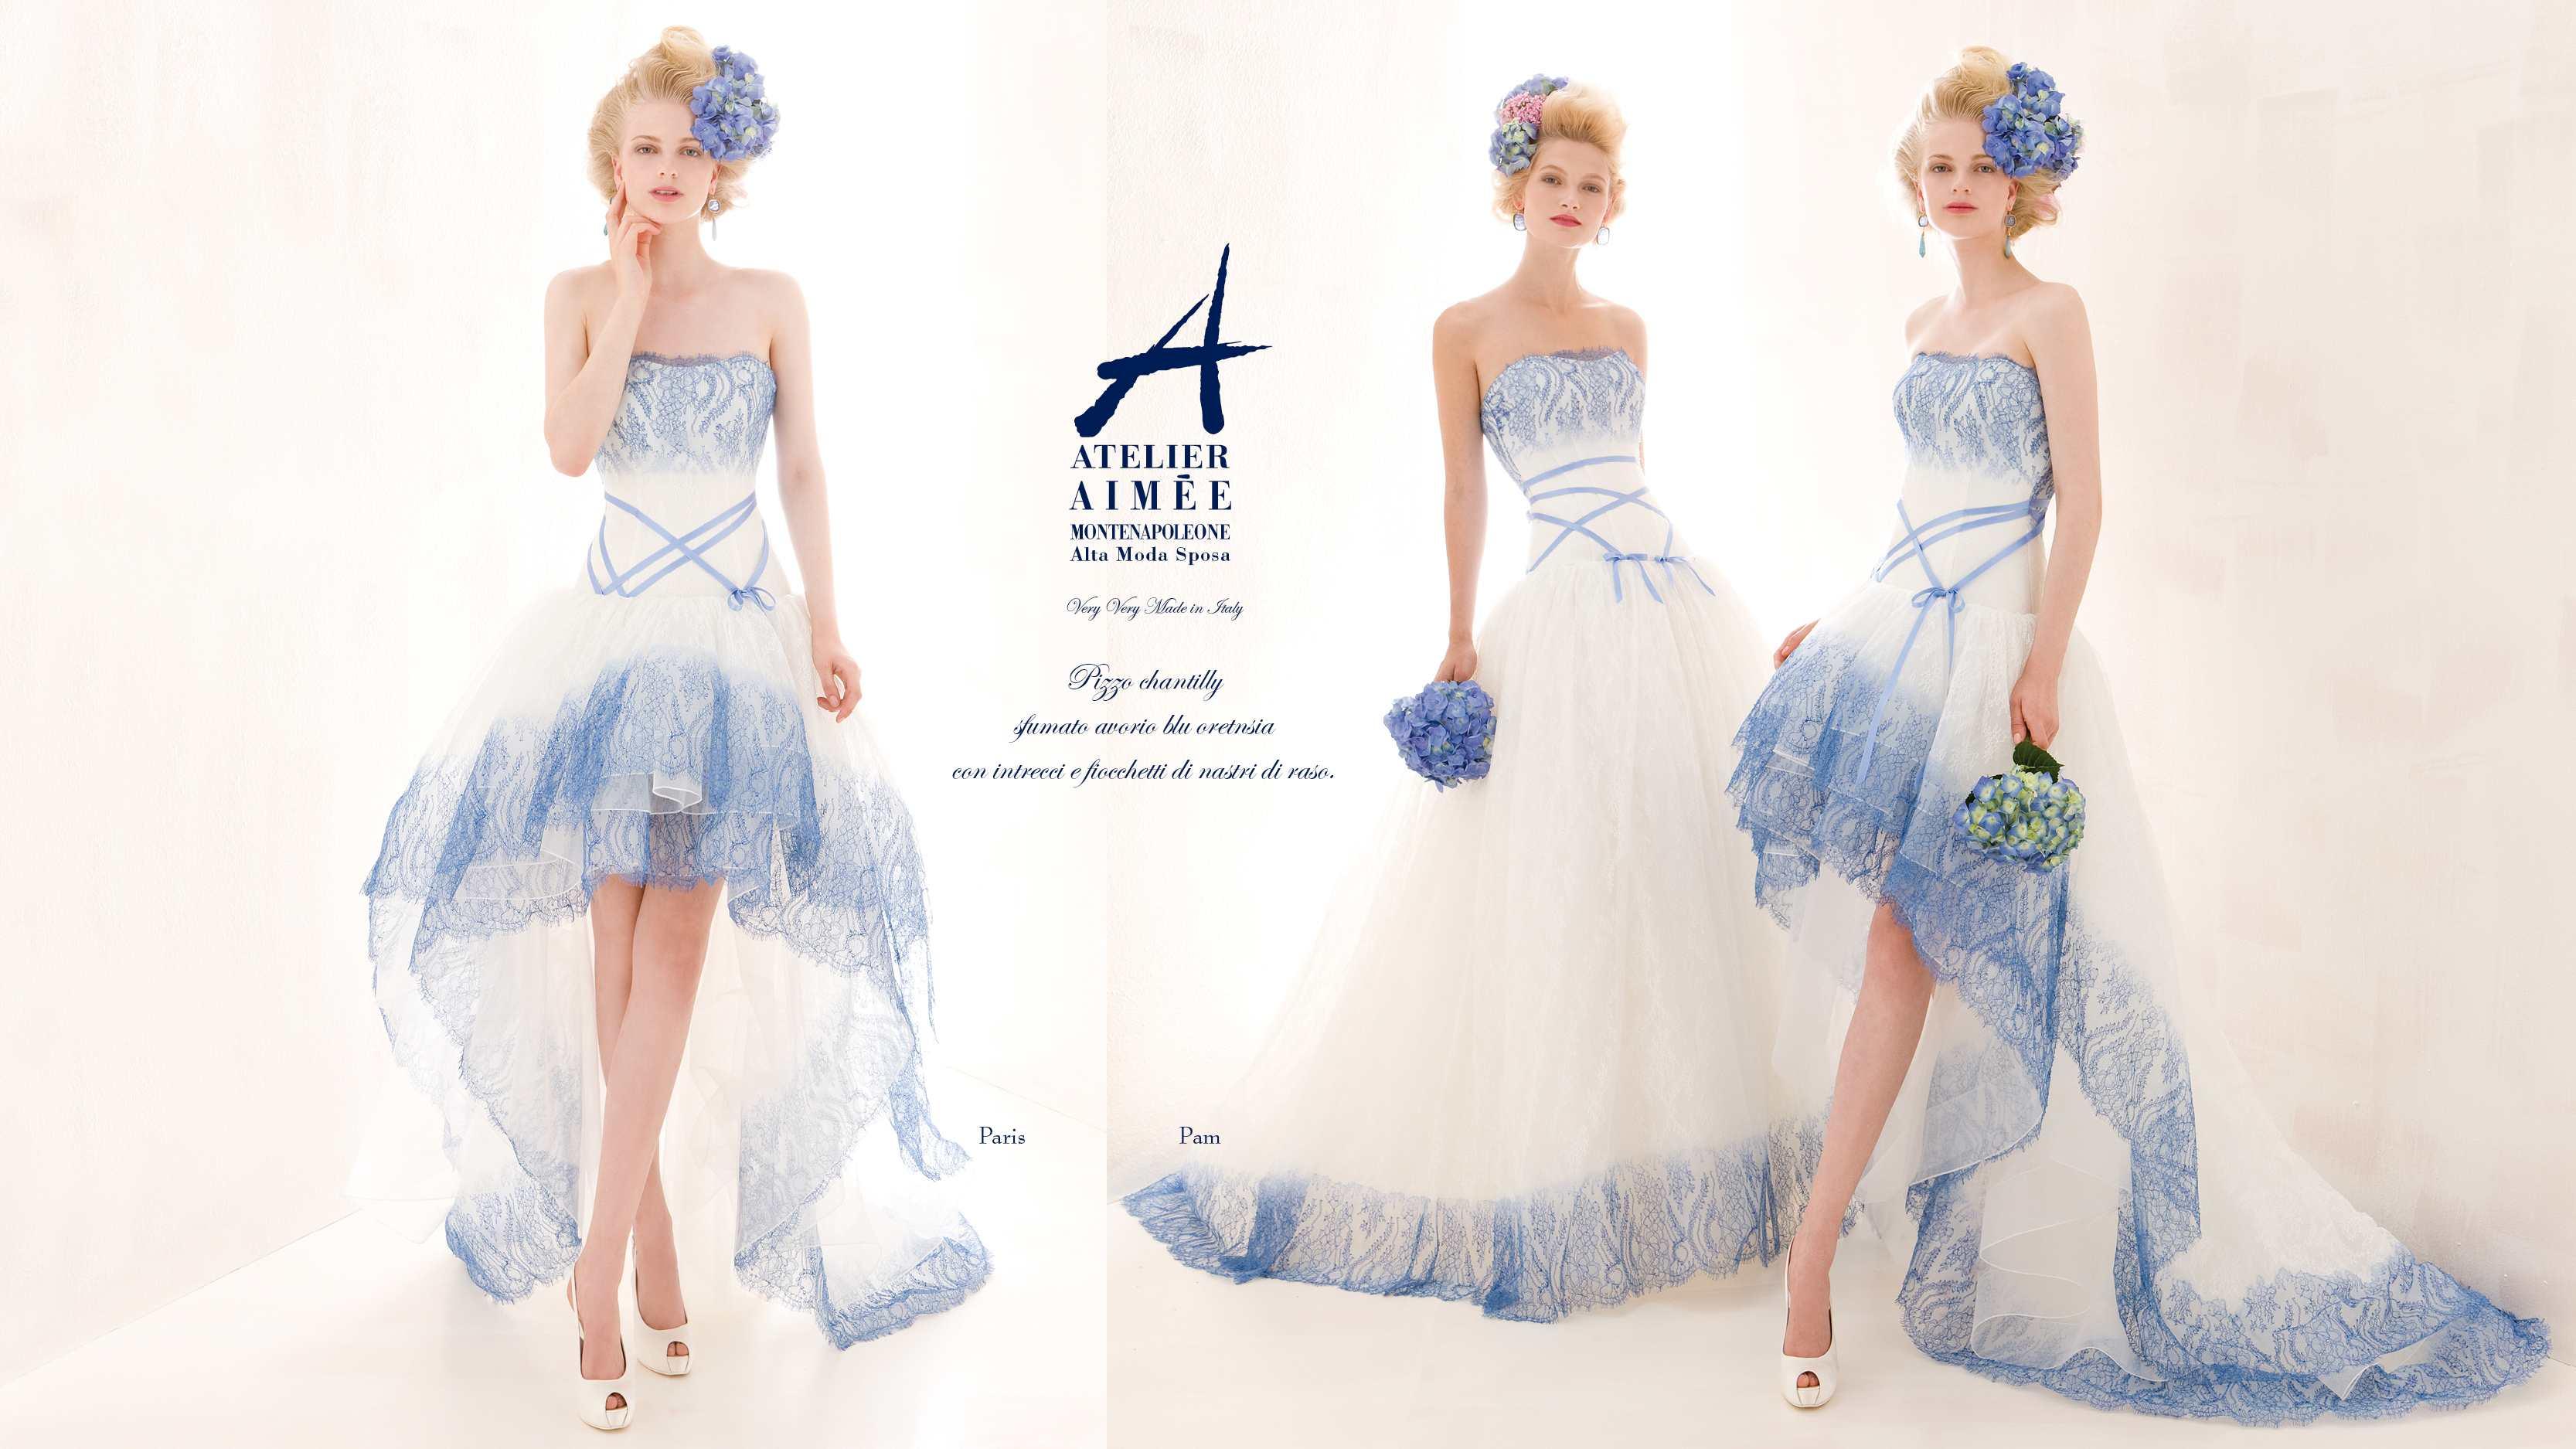 ... Aimee collezione 2014 Verde Tiffany abiti sposa (5)  ABITI DA SPOSA